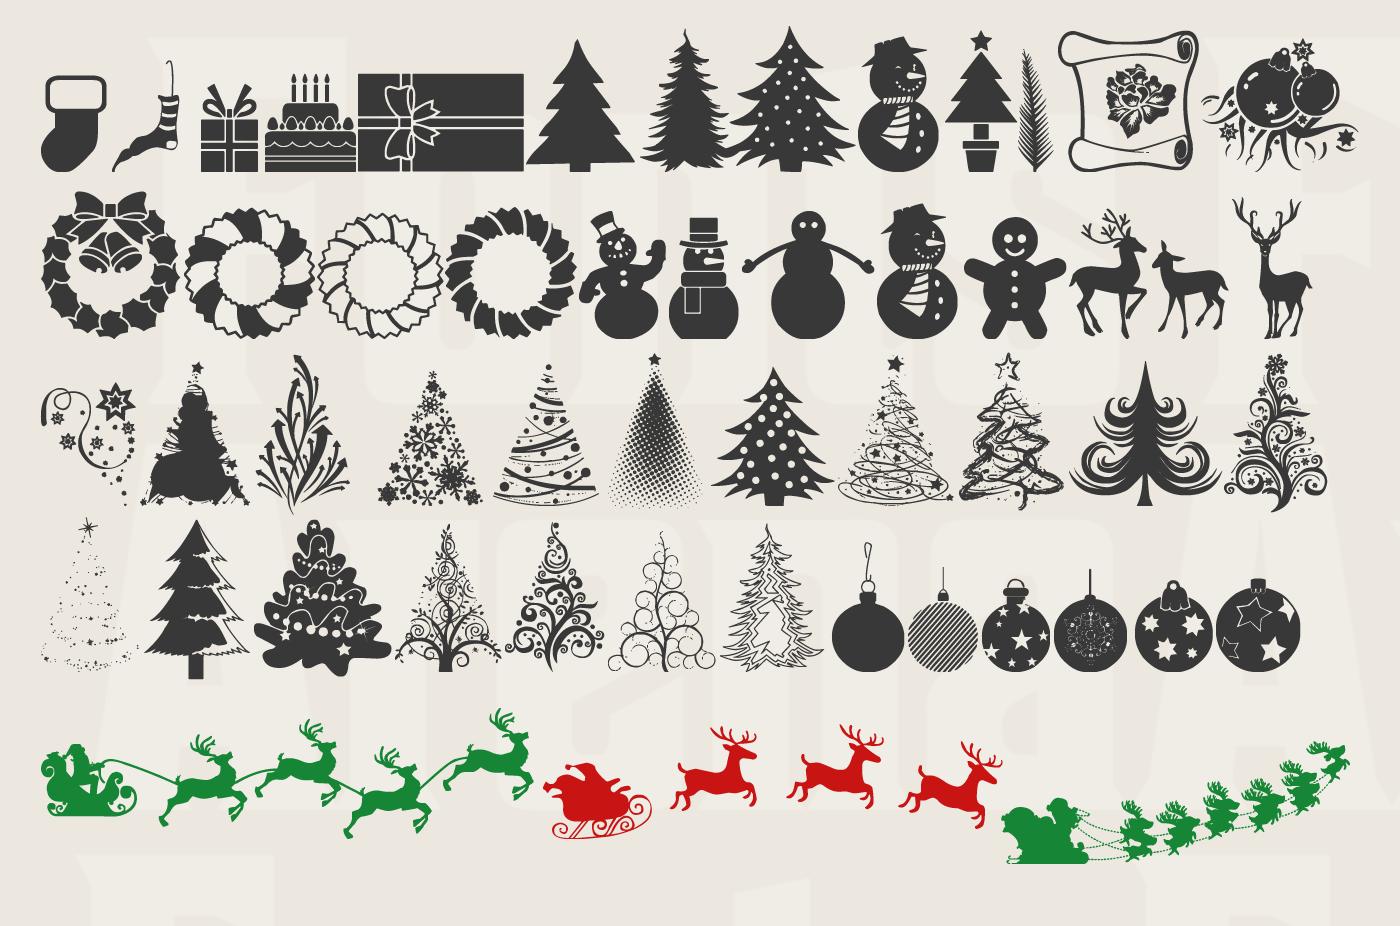 Xmas TFB Christmas free icon font